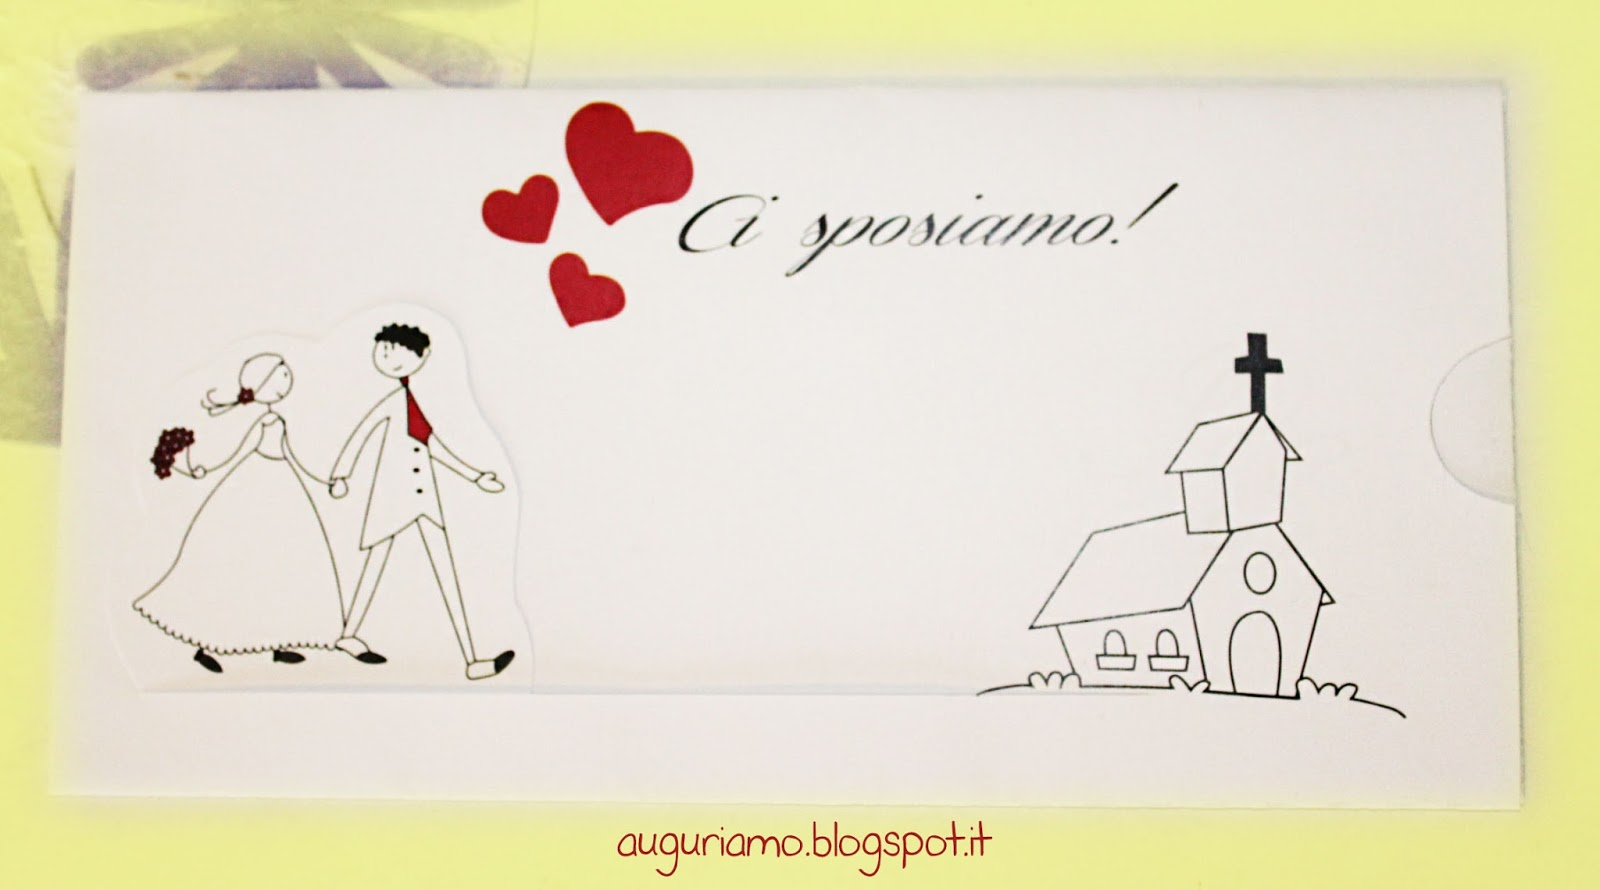 Auguri Matrimonio Vi Auguriamo : Top inviti anniversario matrimonio ej pineglen